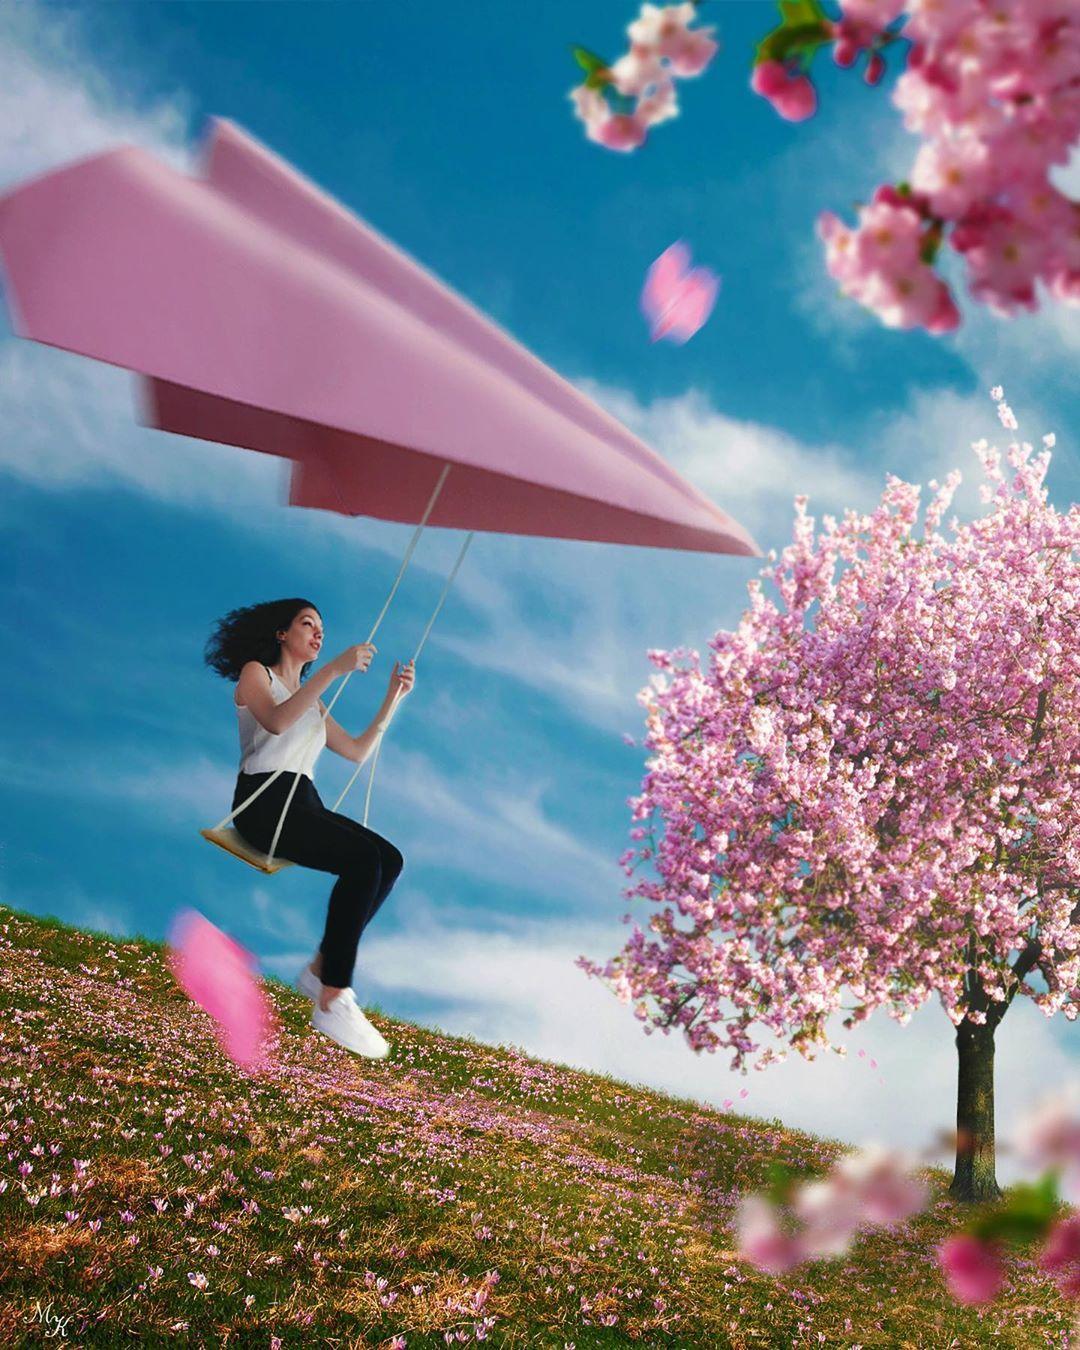 Фото Девушка на качели, подвешенной к бумажному самолету на фоне облачного неба и весеннего дерева, by Merve Keskin